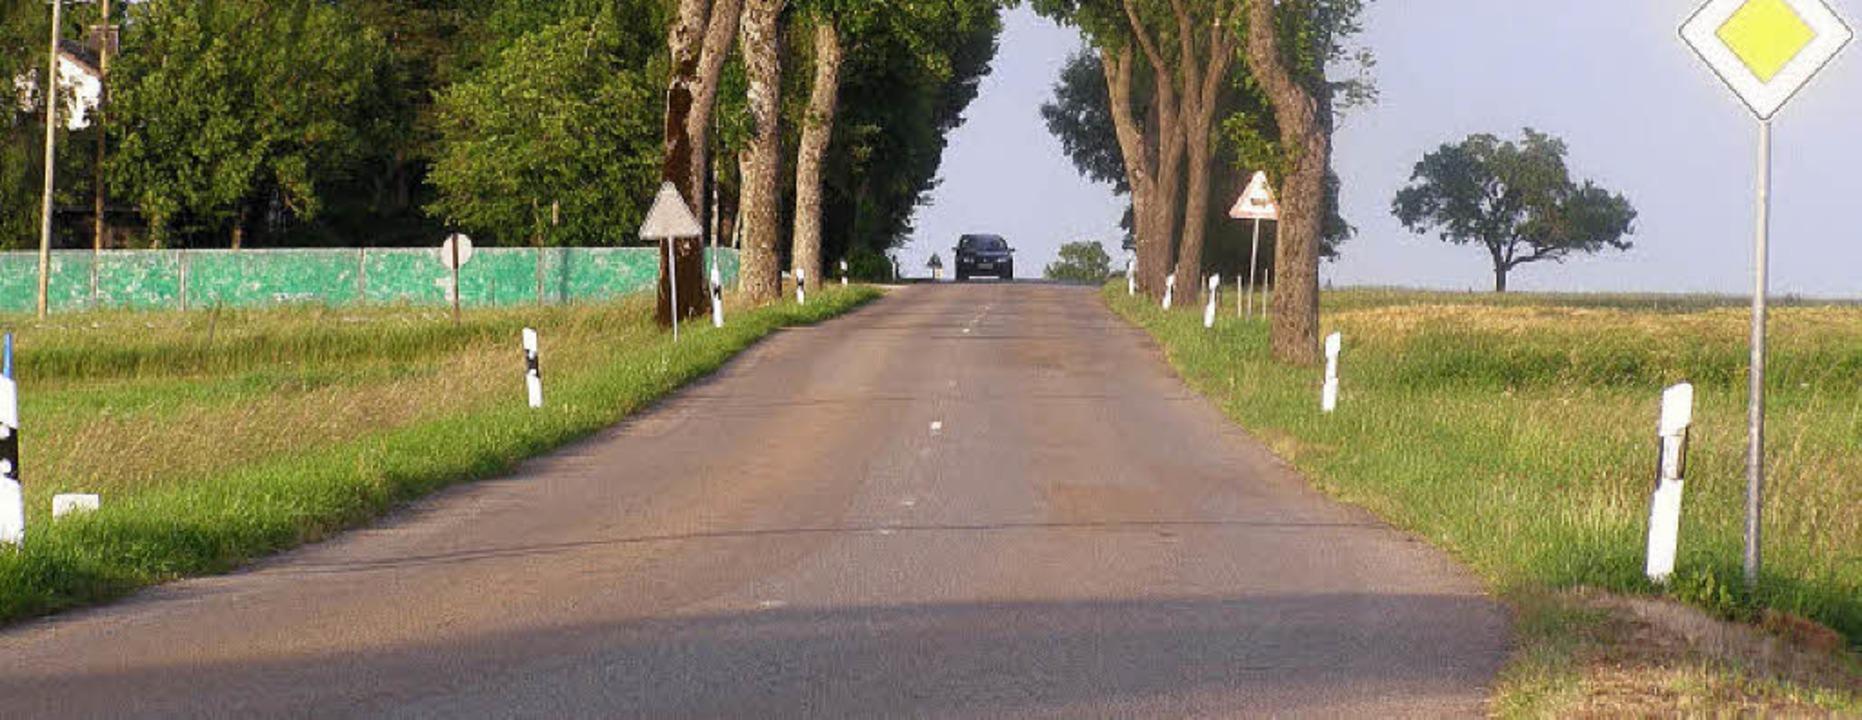 Hier soll kein Radweg die Straße quere... des Landratsamts nicht für sinnvoll.   | Foto: Liane Schilling